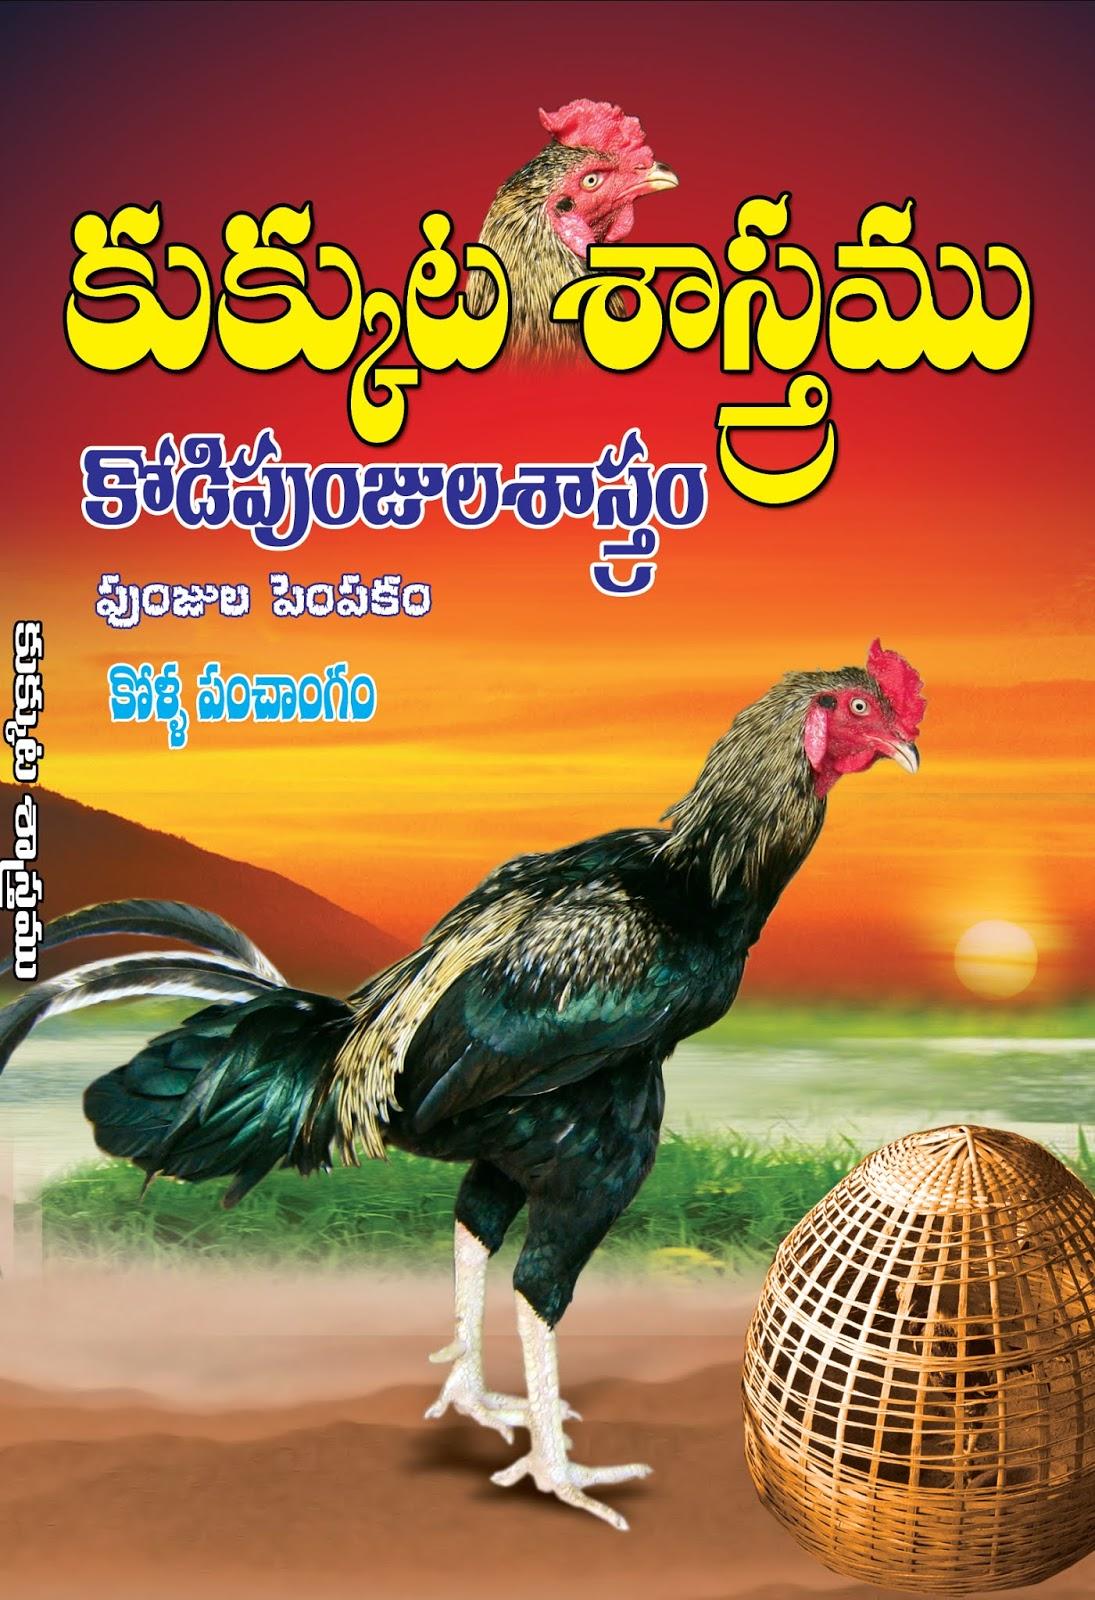 కుక్కుట శాస్త్రం |  kukkuta sastarm | GRANTHANIDHI | MOHANPUBLICATIONS | bh aktipustakalu